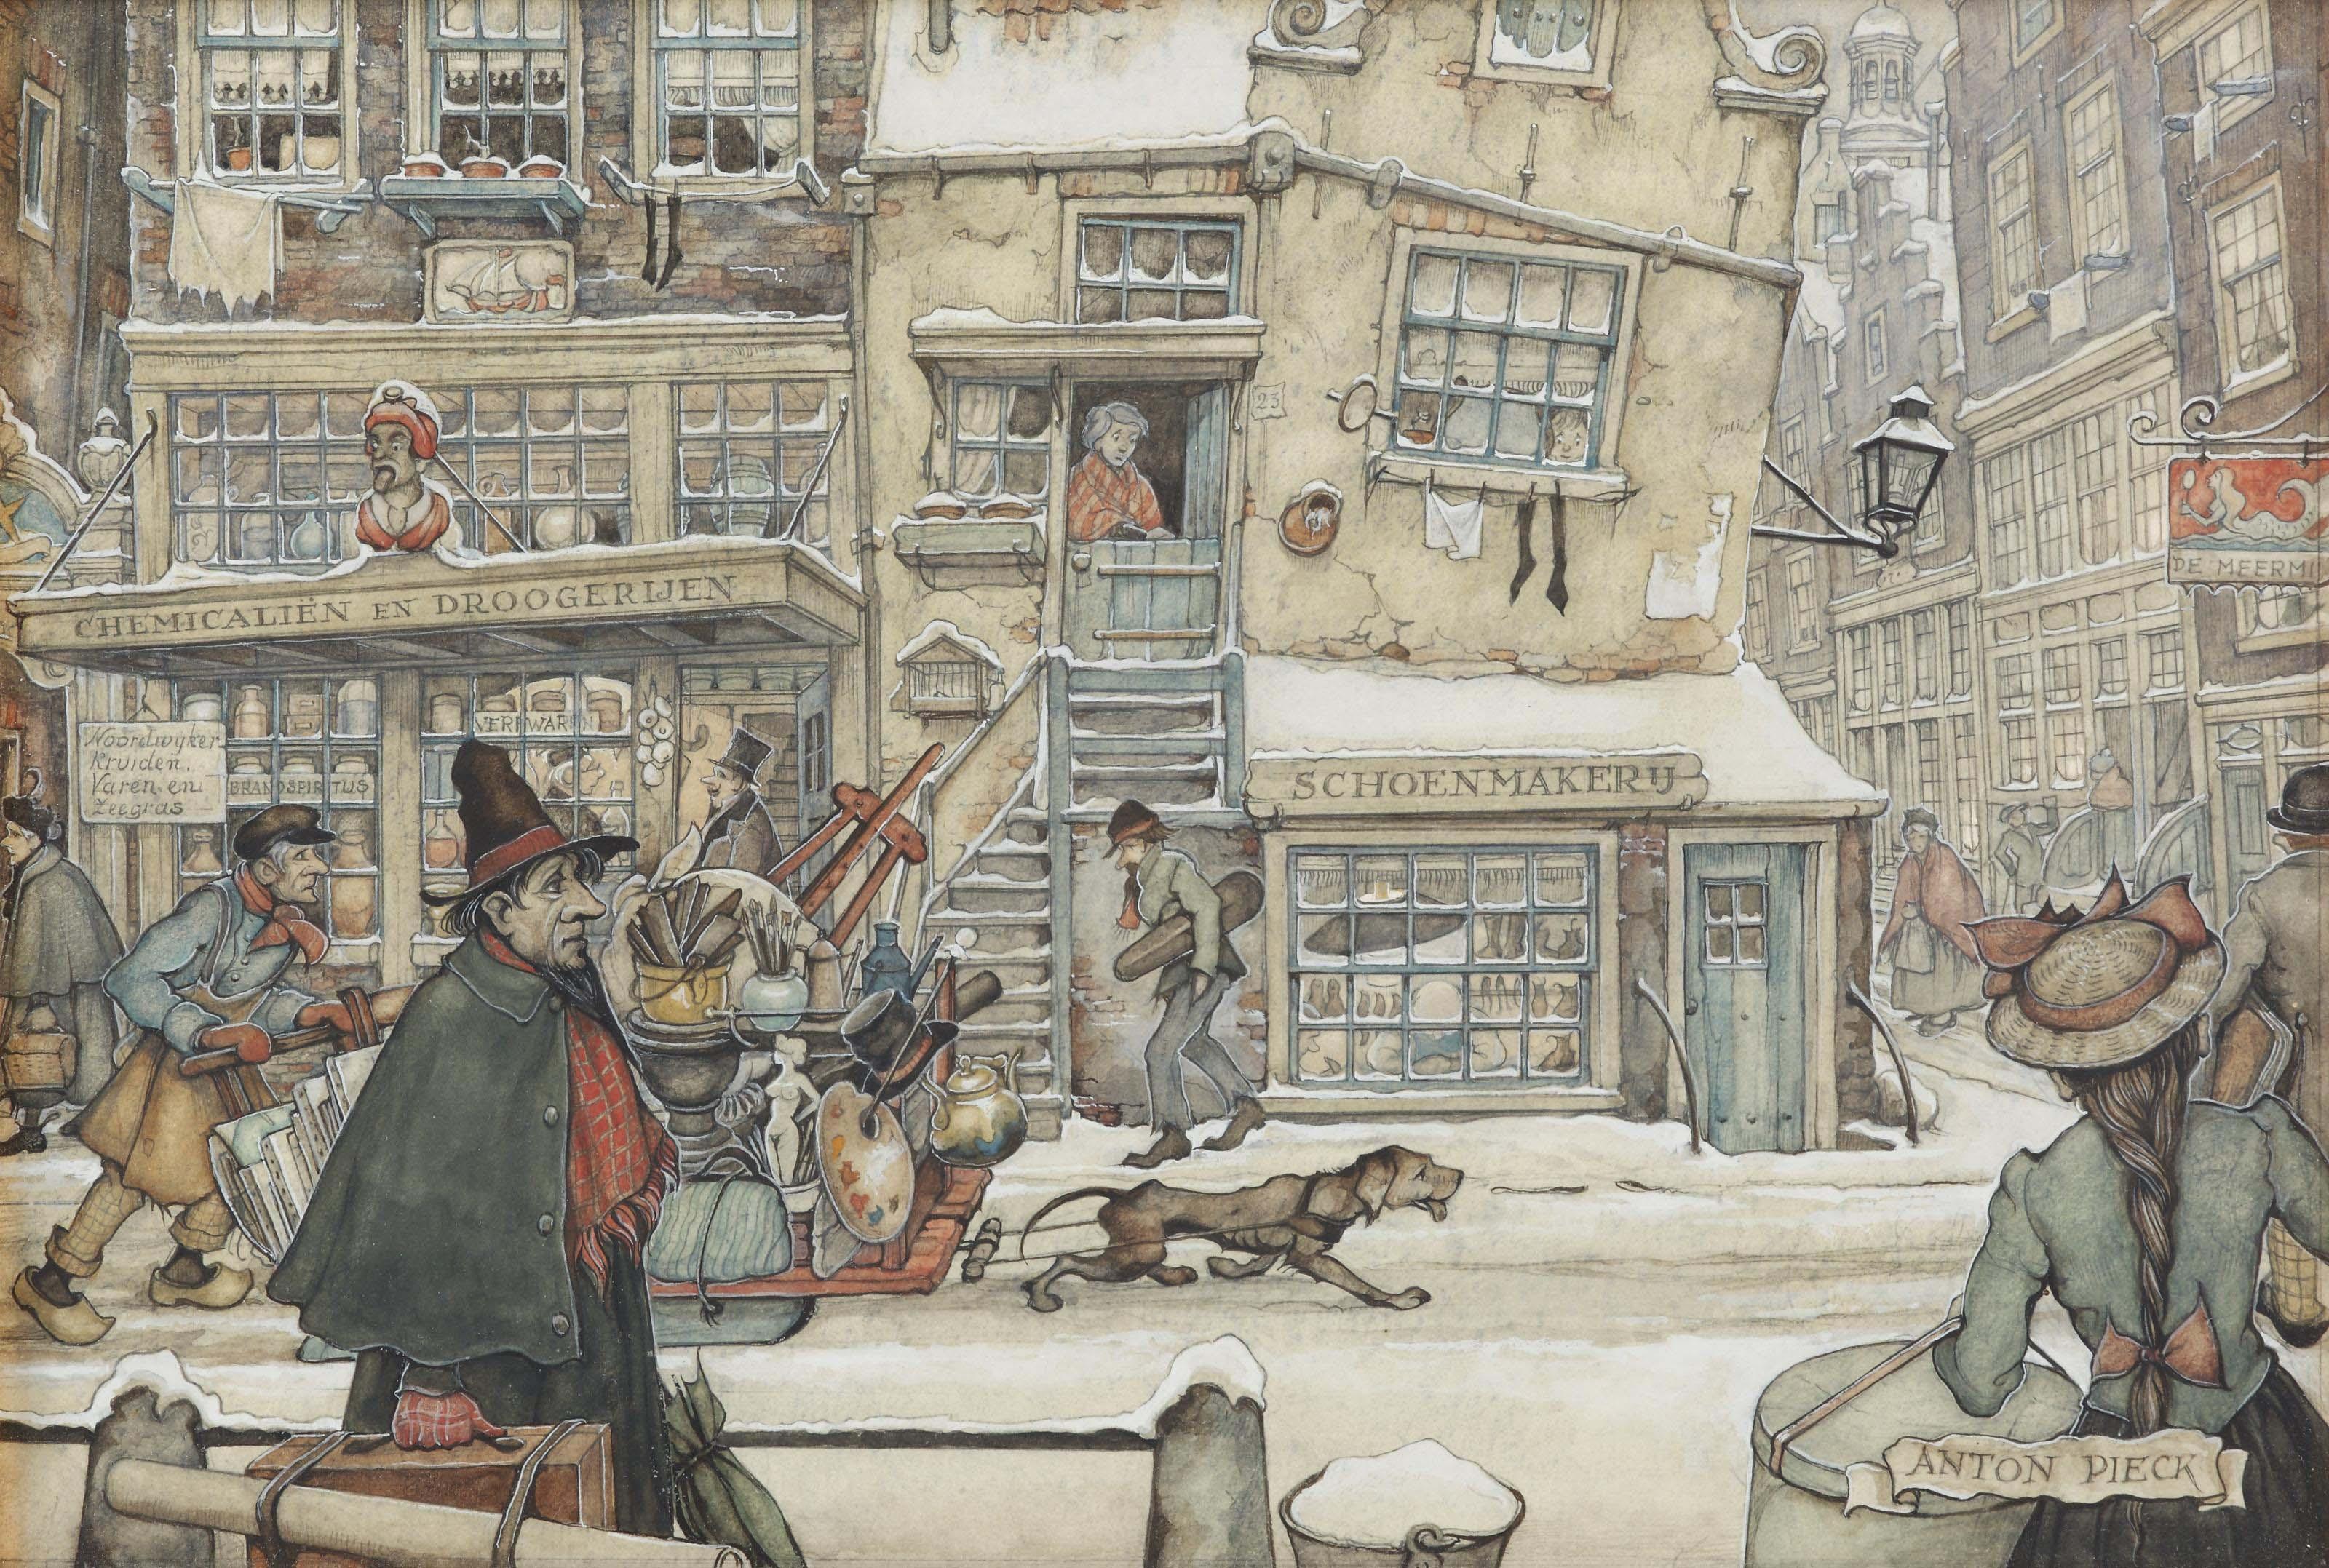 A bustling street in winter